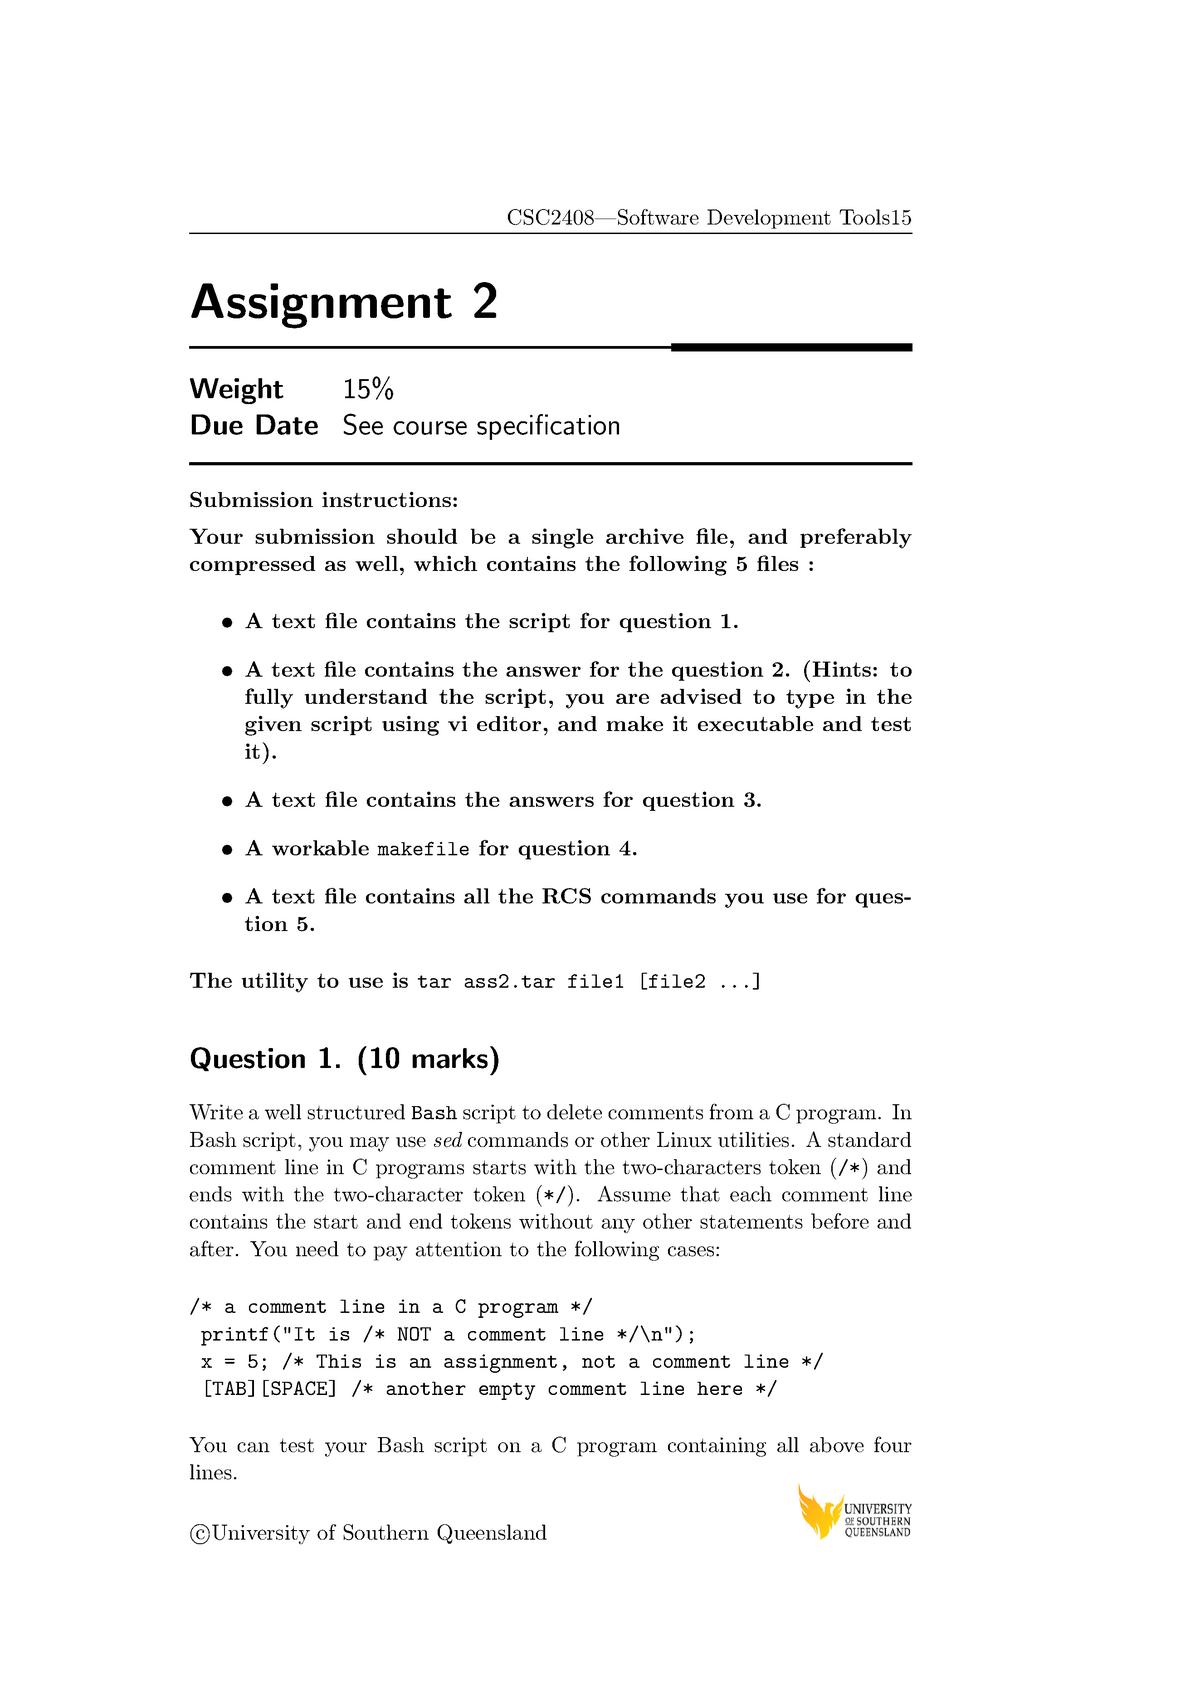 CSC2408 Assignment 2 2014 - CSC2408: Software Development